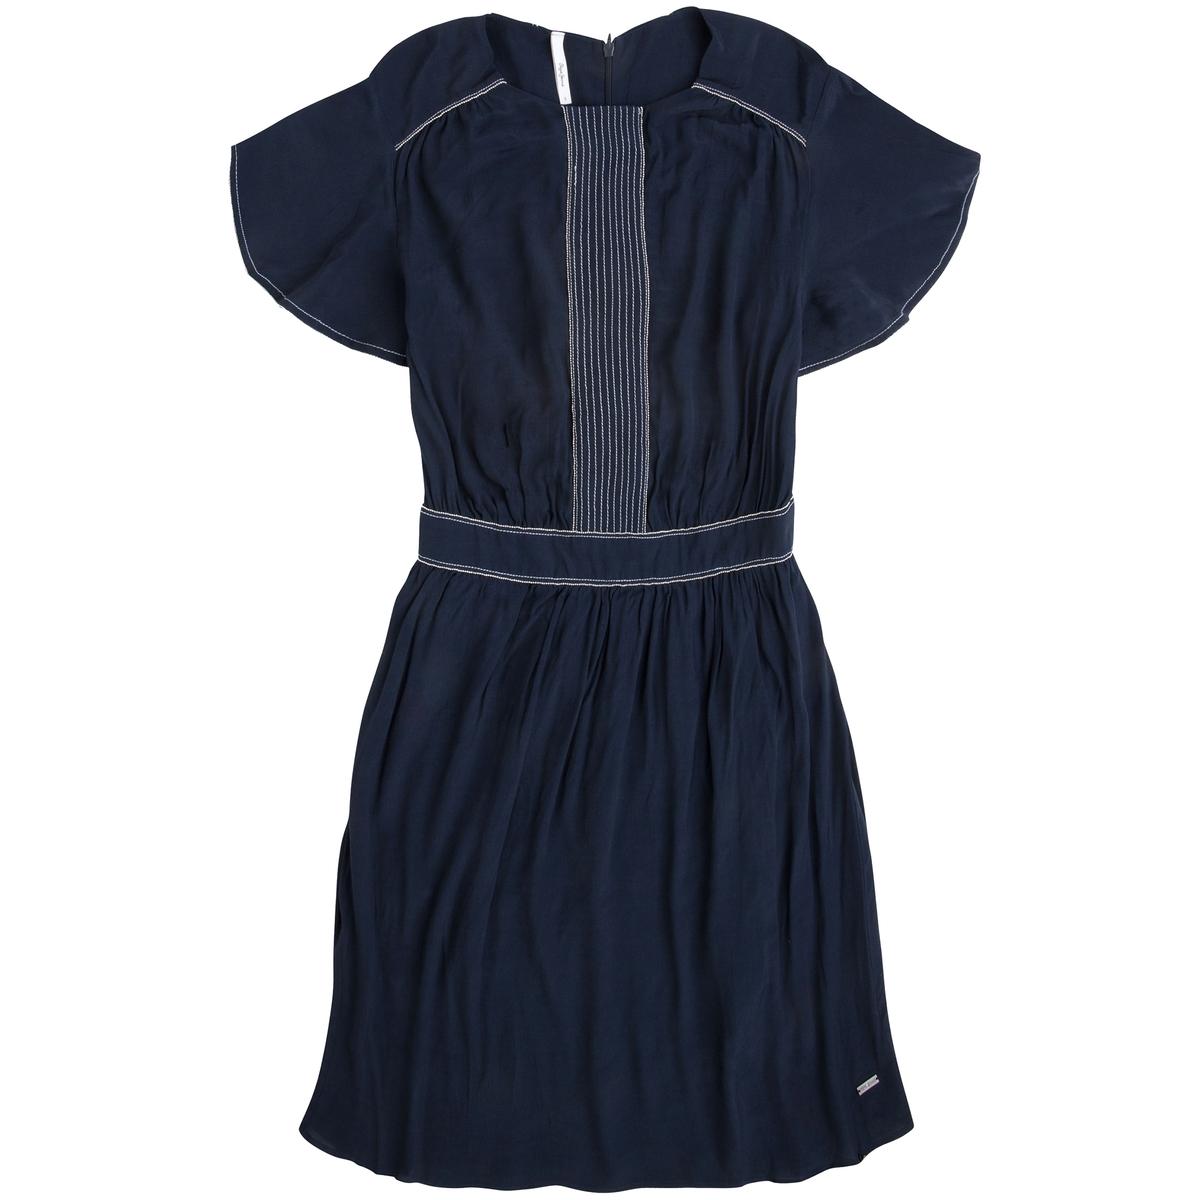 Платье короткое с короткими рукавамиДетали •  Форма : расклешенная •  Короткое  •  Короткие рукава    •  Круглый вырезСостав и уход •  100% полиэстер  •  Следуйте советам по уходу, указанным на этикетке<br><br>Цвет: синий морской<br>Размер: M.S